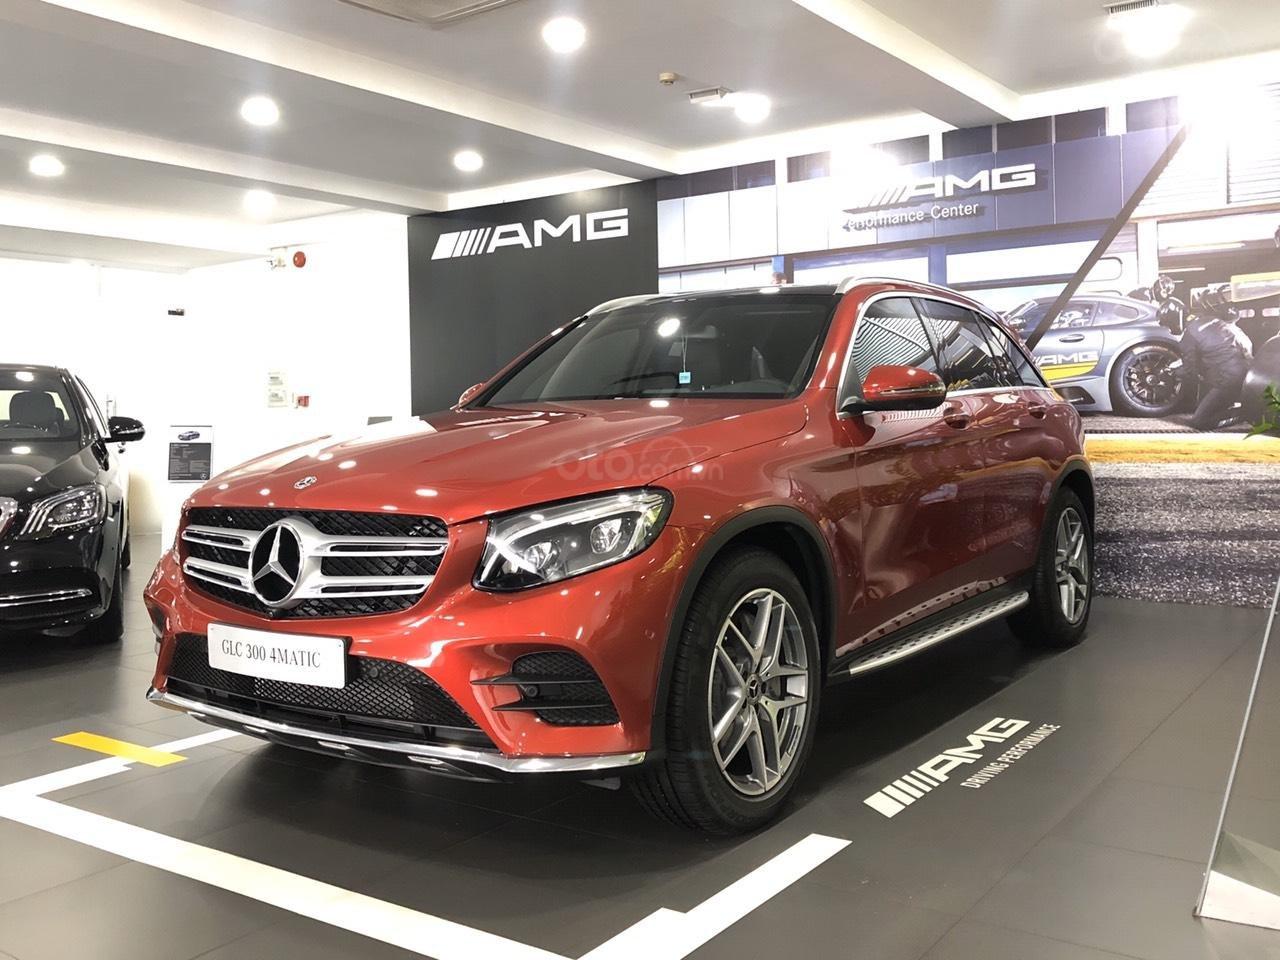 Cần bán nhanh chiếc Mercedes GLC - Class 300 AMG, năm 2019 - Có sẵn xe - Giao nhanh toàn quốc (13)